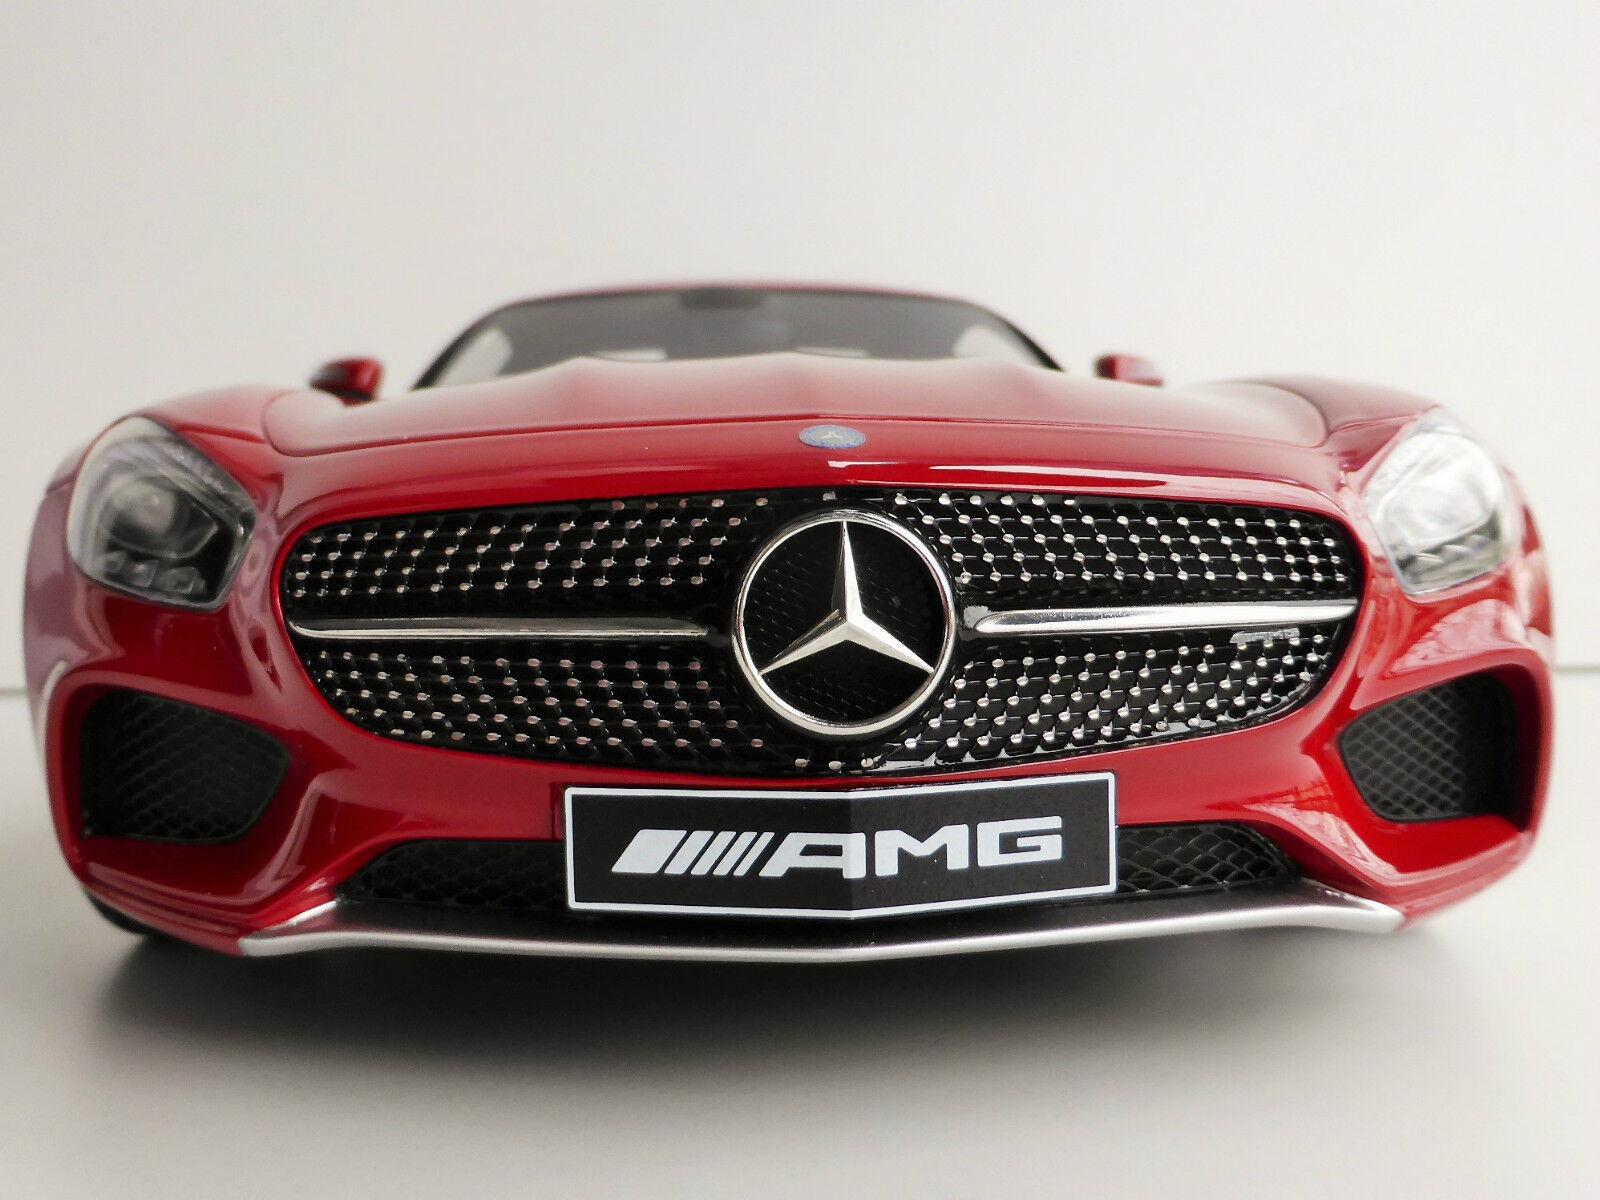 Mercedes-Benz AMG Gt Ópalo de Fuego 1 12 Premium Classixxs 40025 C190 Pcl MB